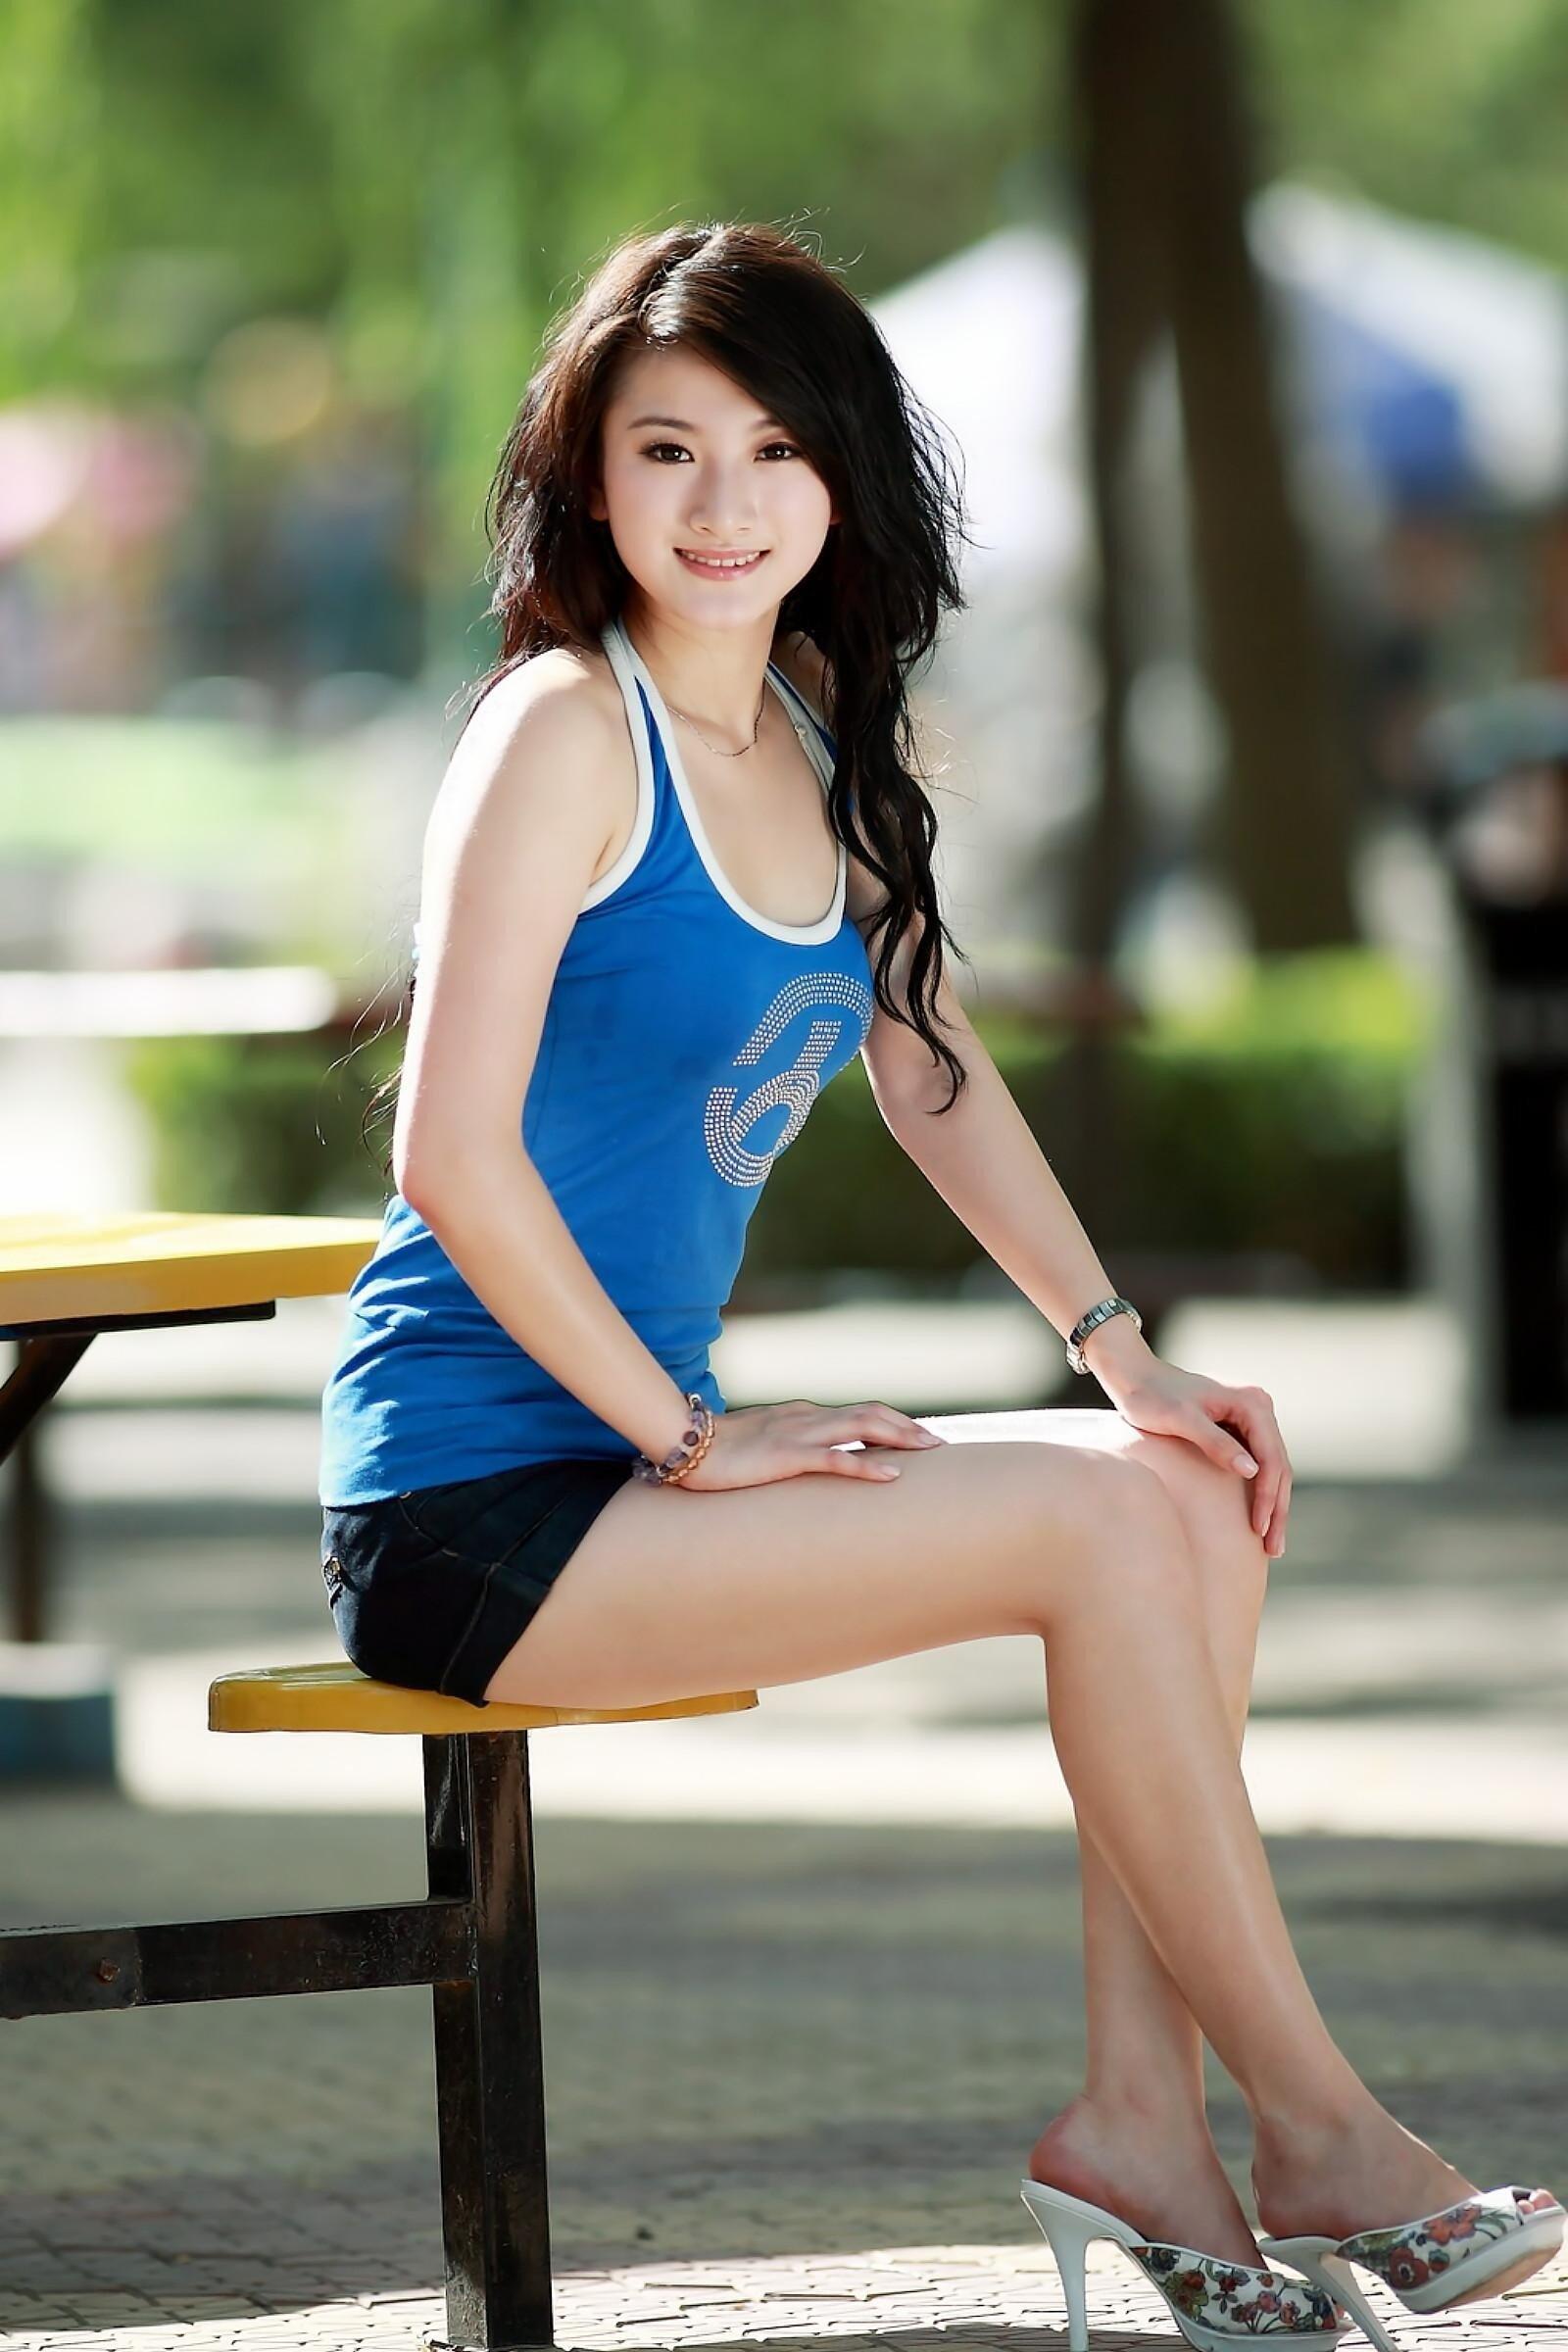 Blonde Girl Photo Wallpaper 2560x1440 Women Asian High Heels Hd Wallpapers Desktop And